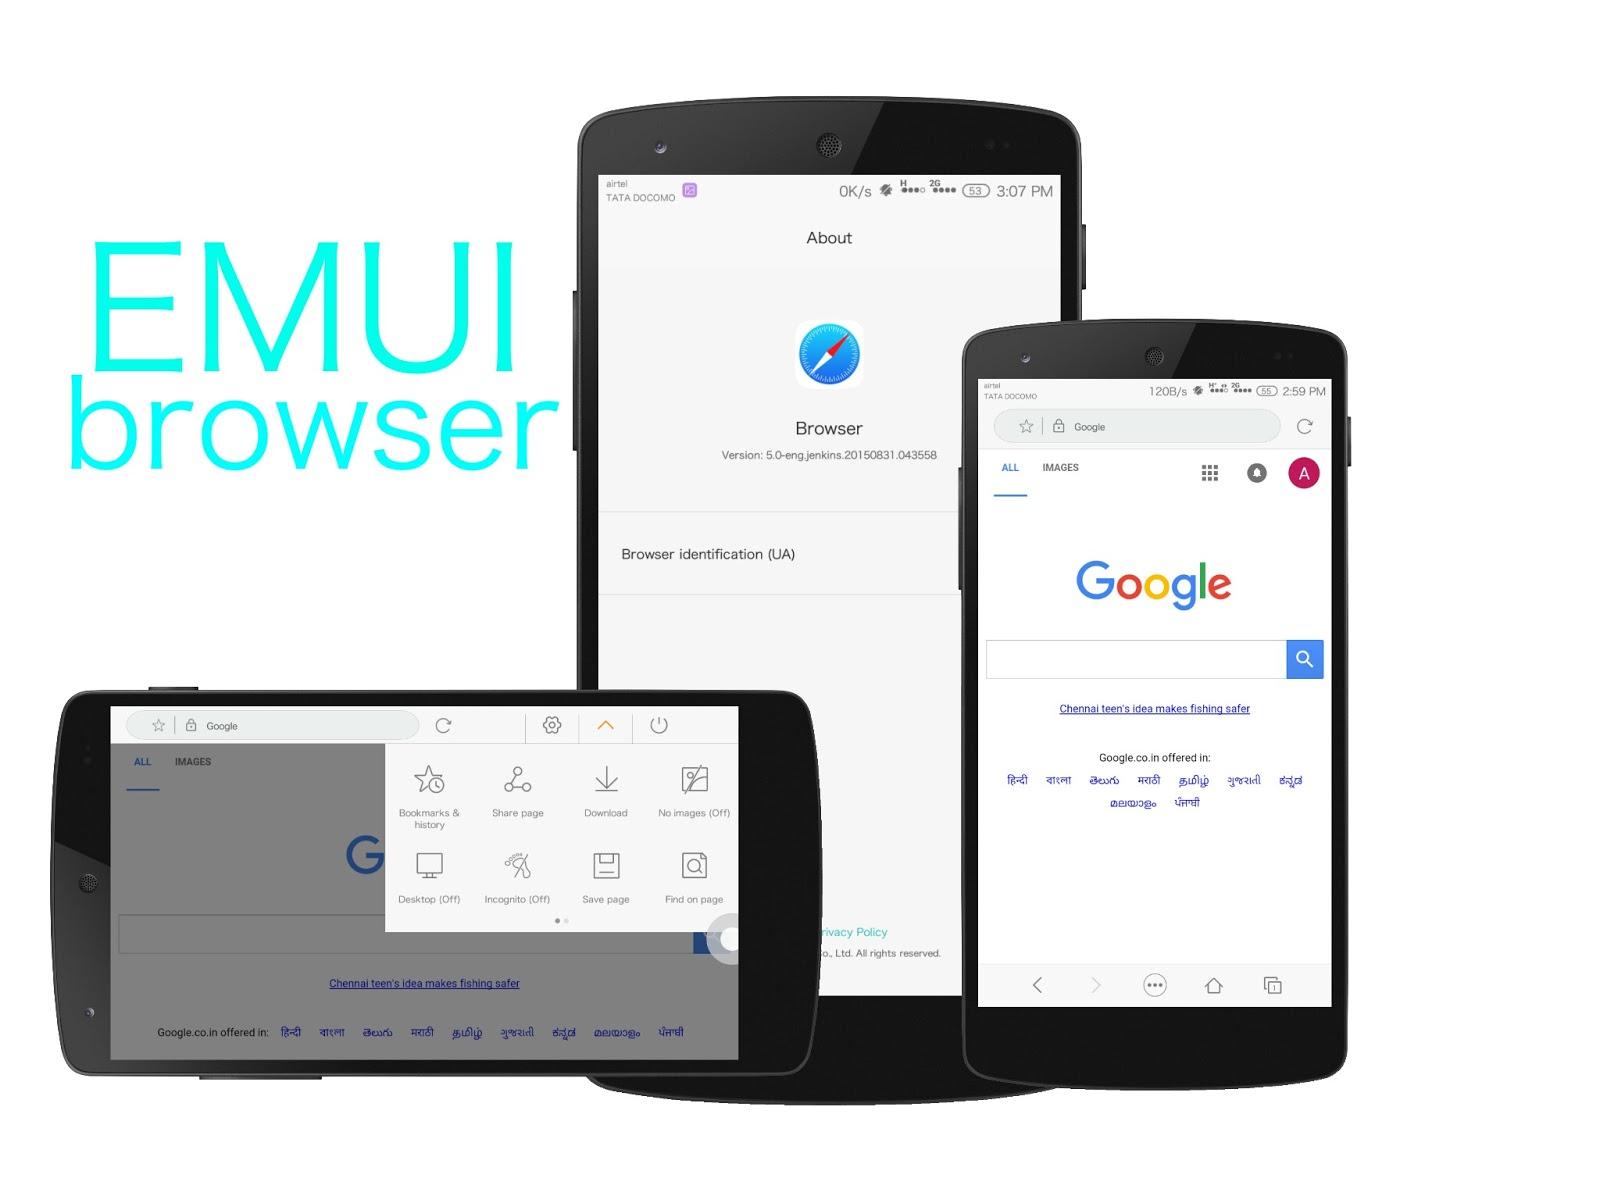 EMUI Browser